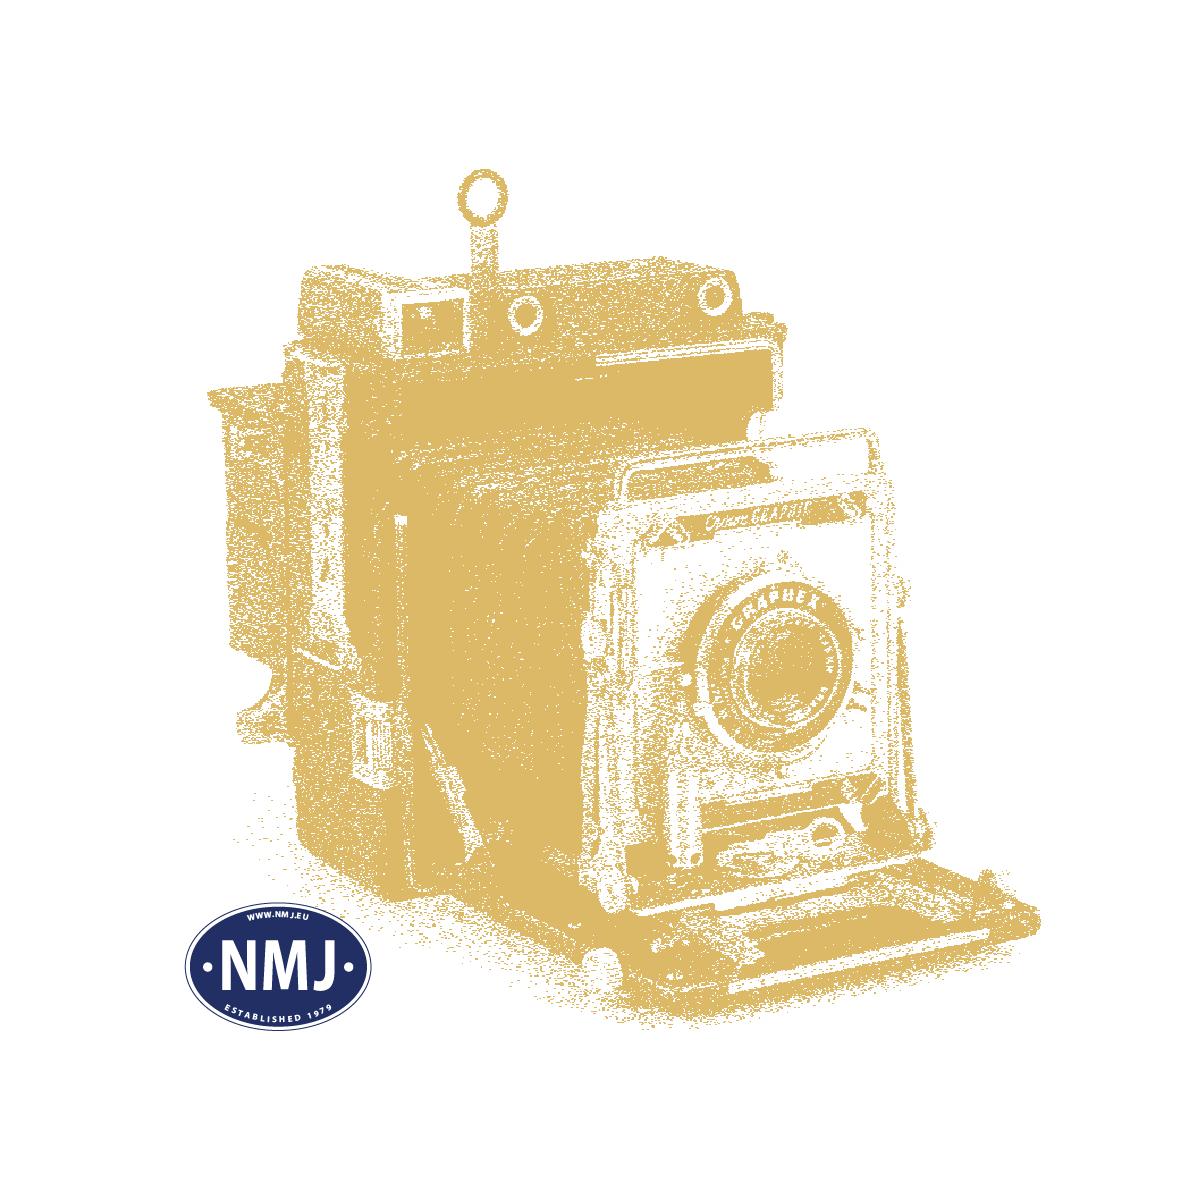 WODJP5620 - N Fancy Fins, Just Plug, Funksjonsmodell m/ lys